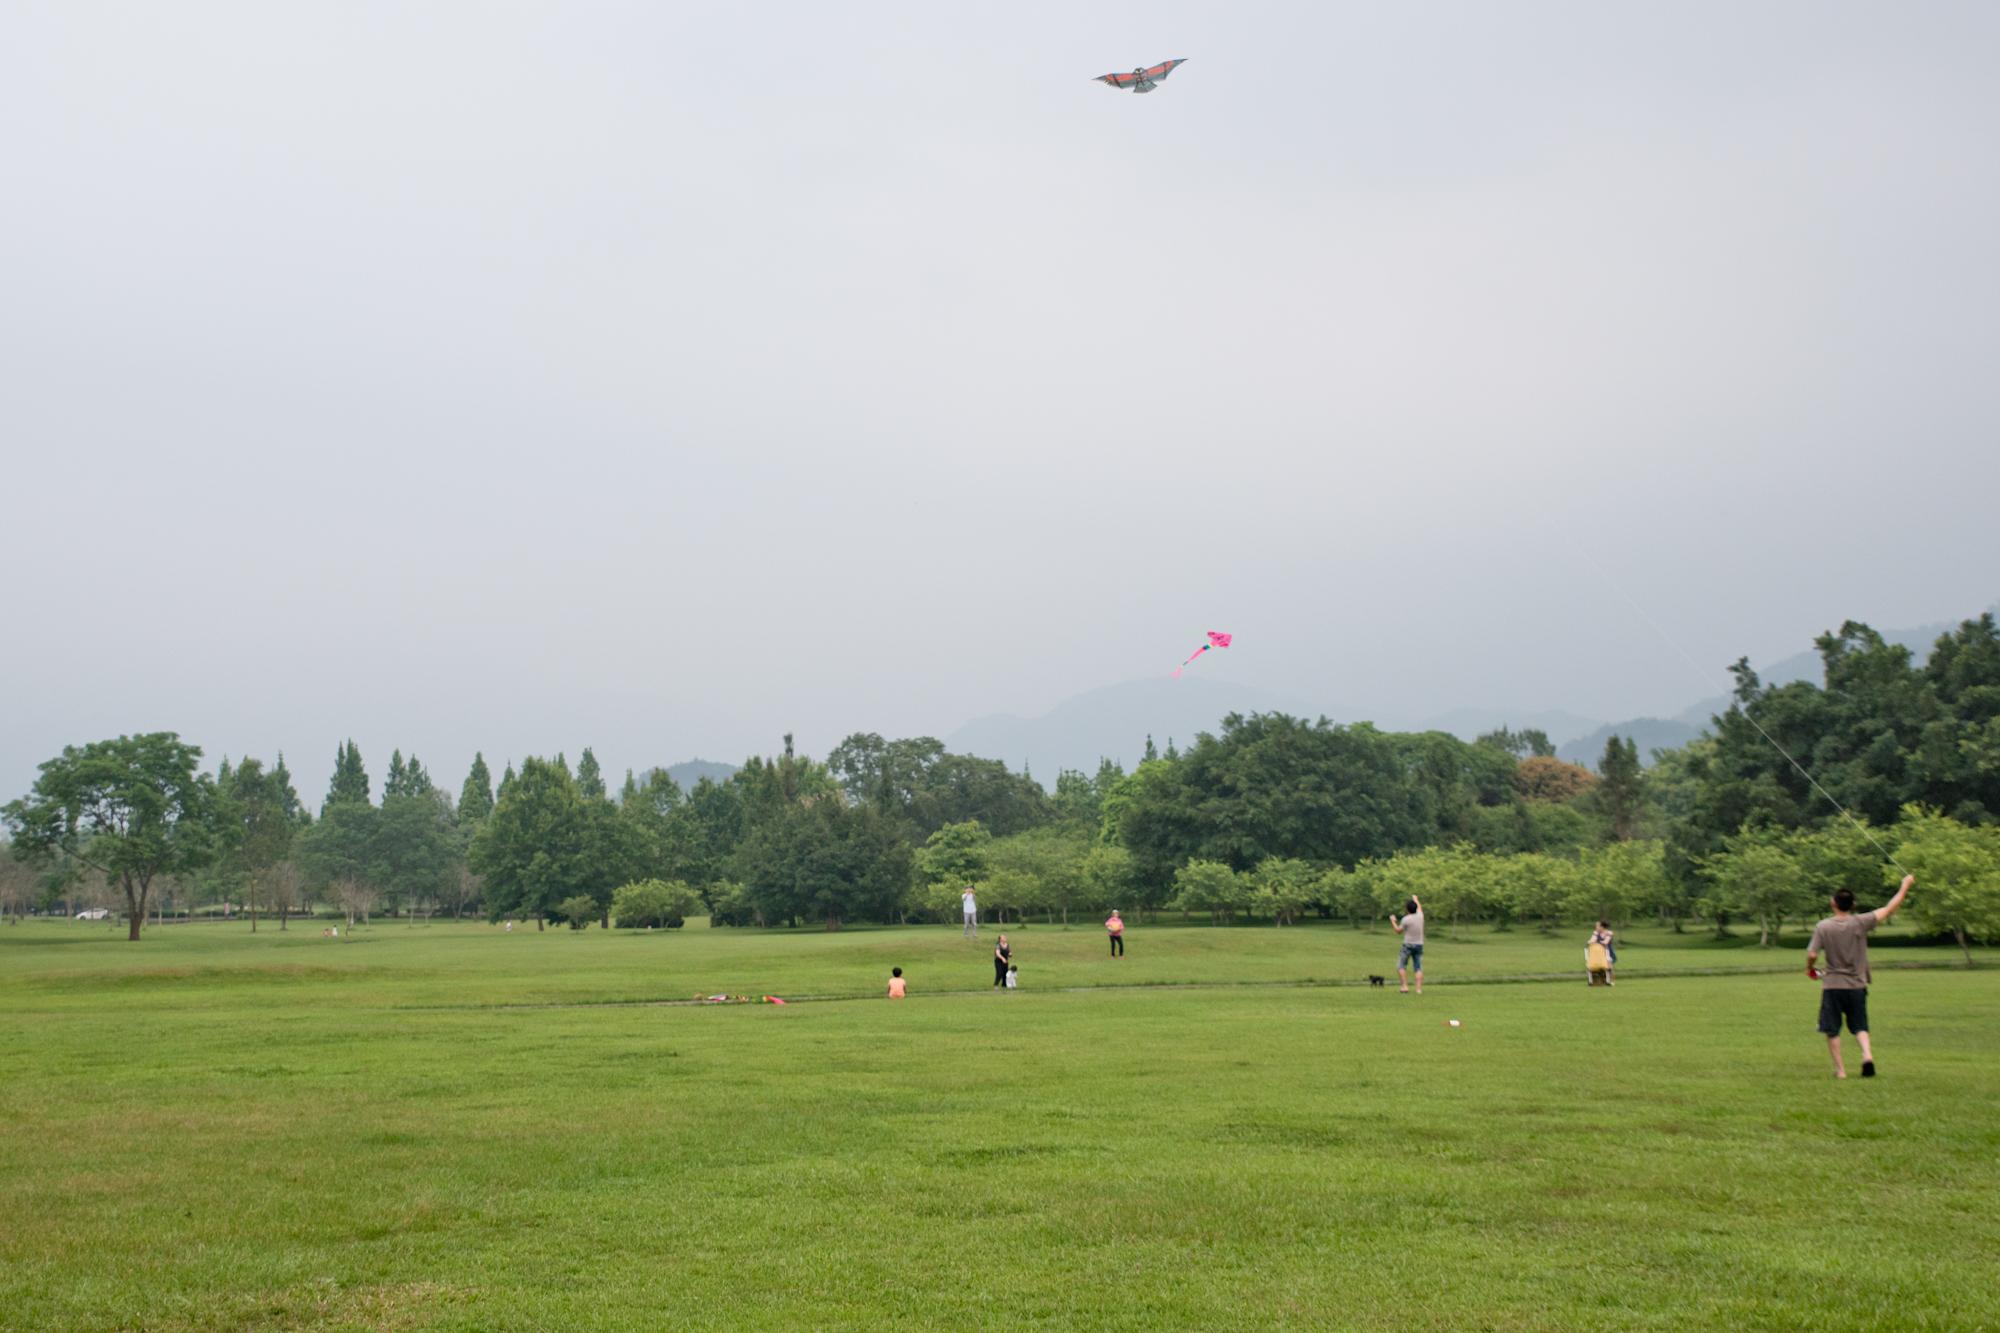 位於台灣中部山區的暨南大學以壯麗的山景最為著名。然而近期台灣全島多數區域因空氣品質不佳,天空時常呈現灰濛濛的模樣,遠方的景色一片蒼白。南投埔里。2018/4/29